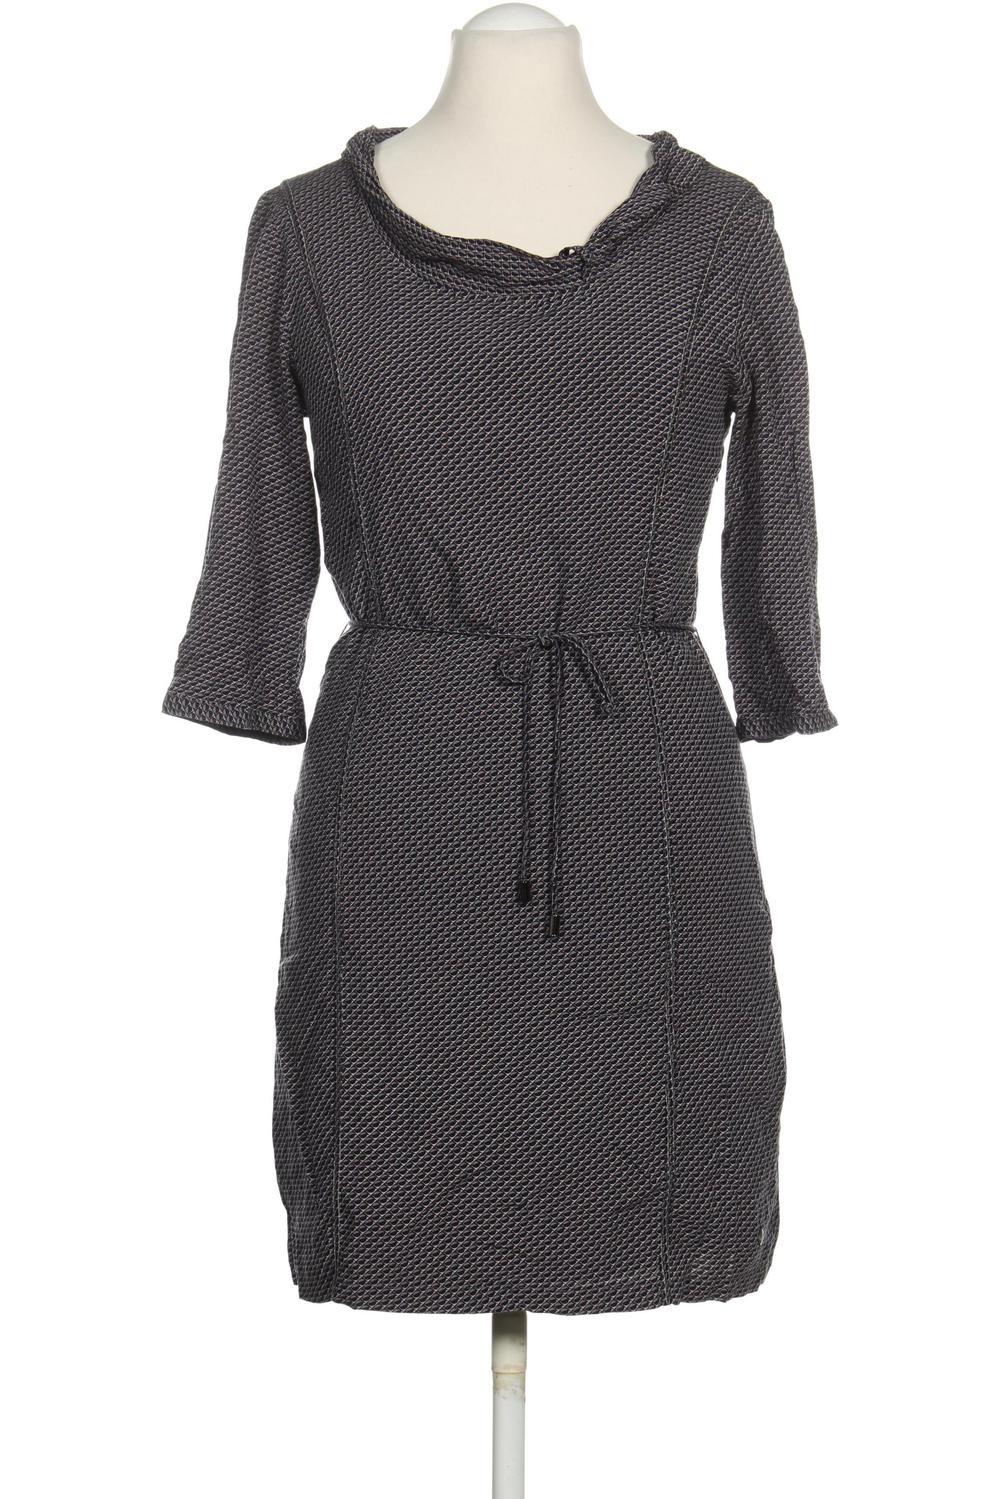 ZERO Damen Kleid DE 38 Second Hand kaufen | ubup